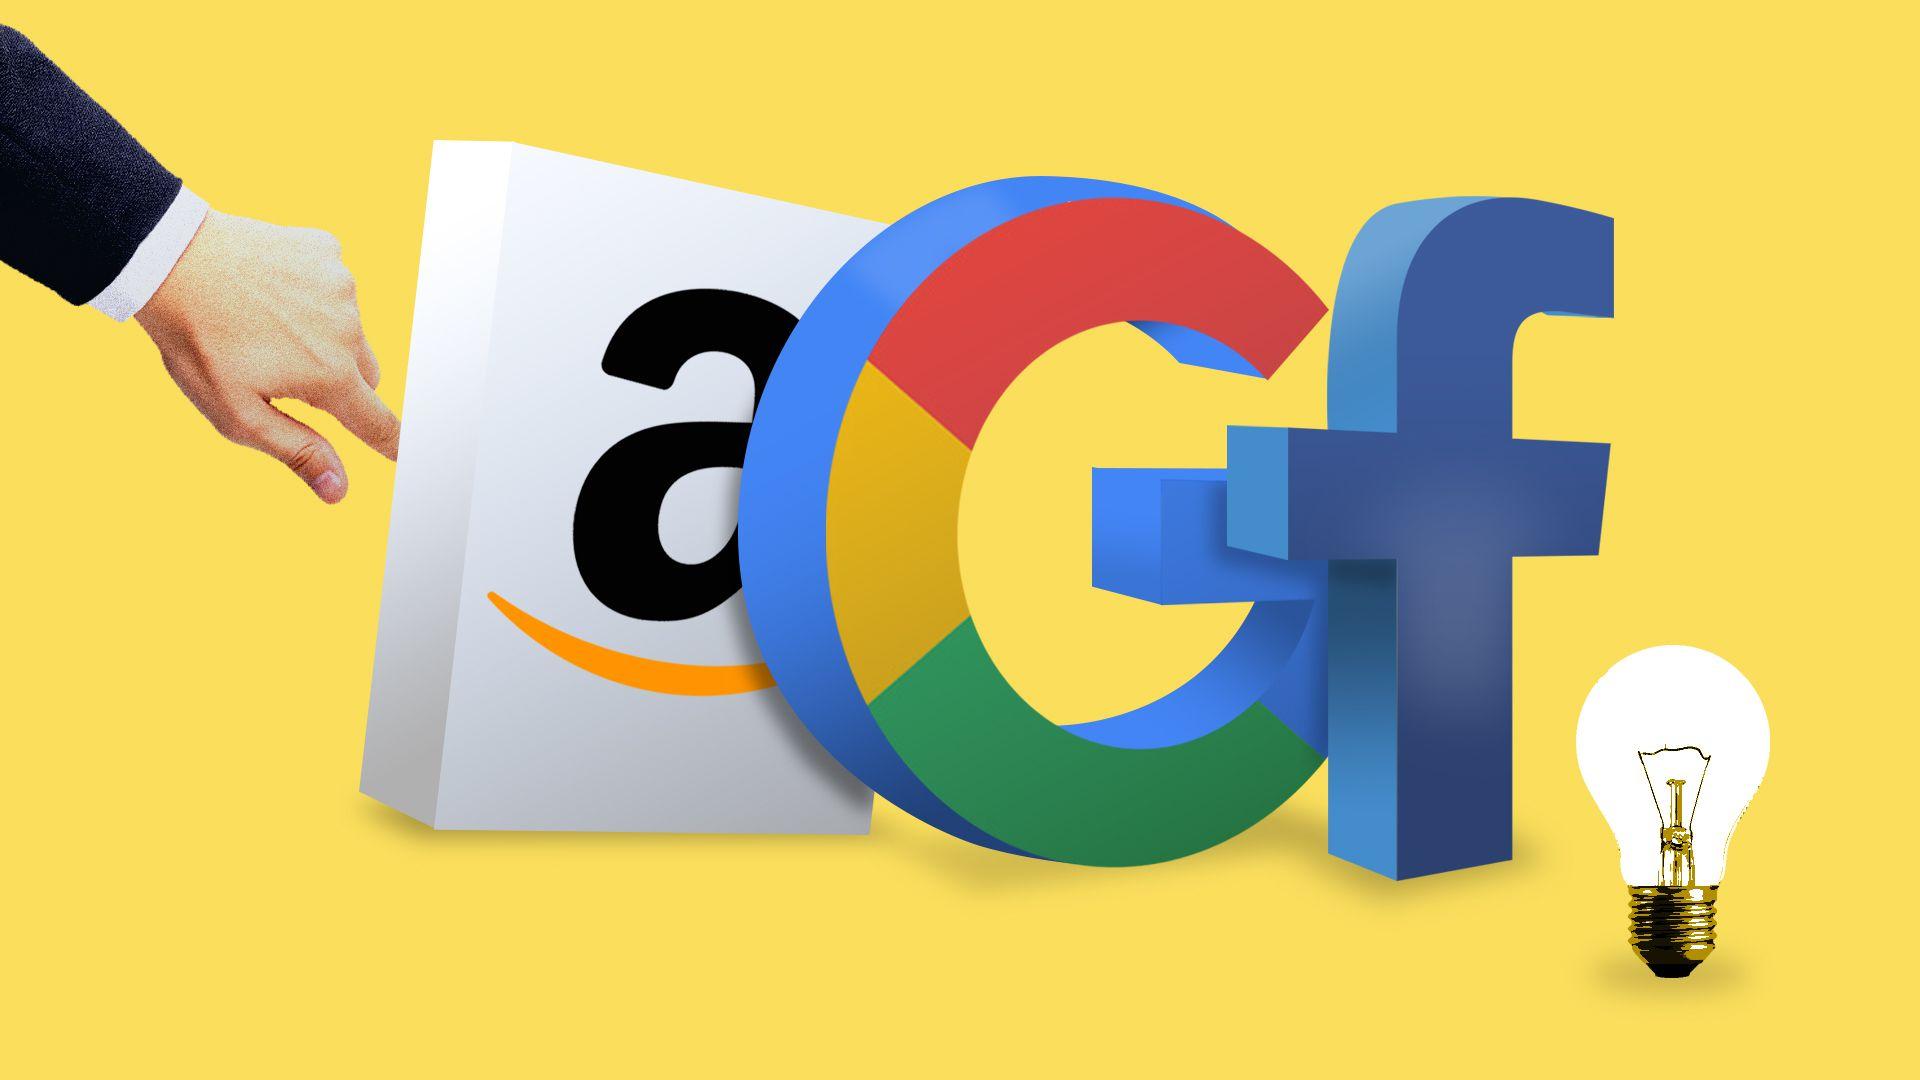 """Ο Ηλίας Καραβόλιας εξηγεί με τον όρο του Κέυνς """"τεχνολογική ανεργία"""" πως όσοι δεν παρακολουθούν τις τεχνολογικές εξελίξεις να μένουν εκτός αγοράς και πως το facebook και η Amazon κάνουν δουλειά τους τη …δουλειά μας… new deal"""